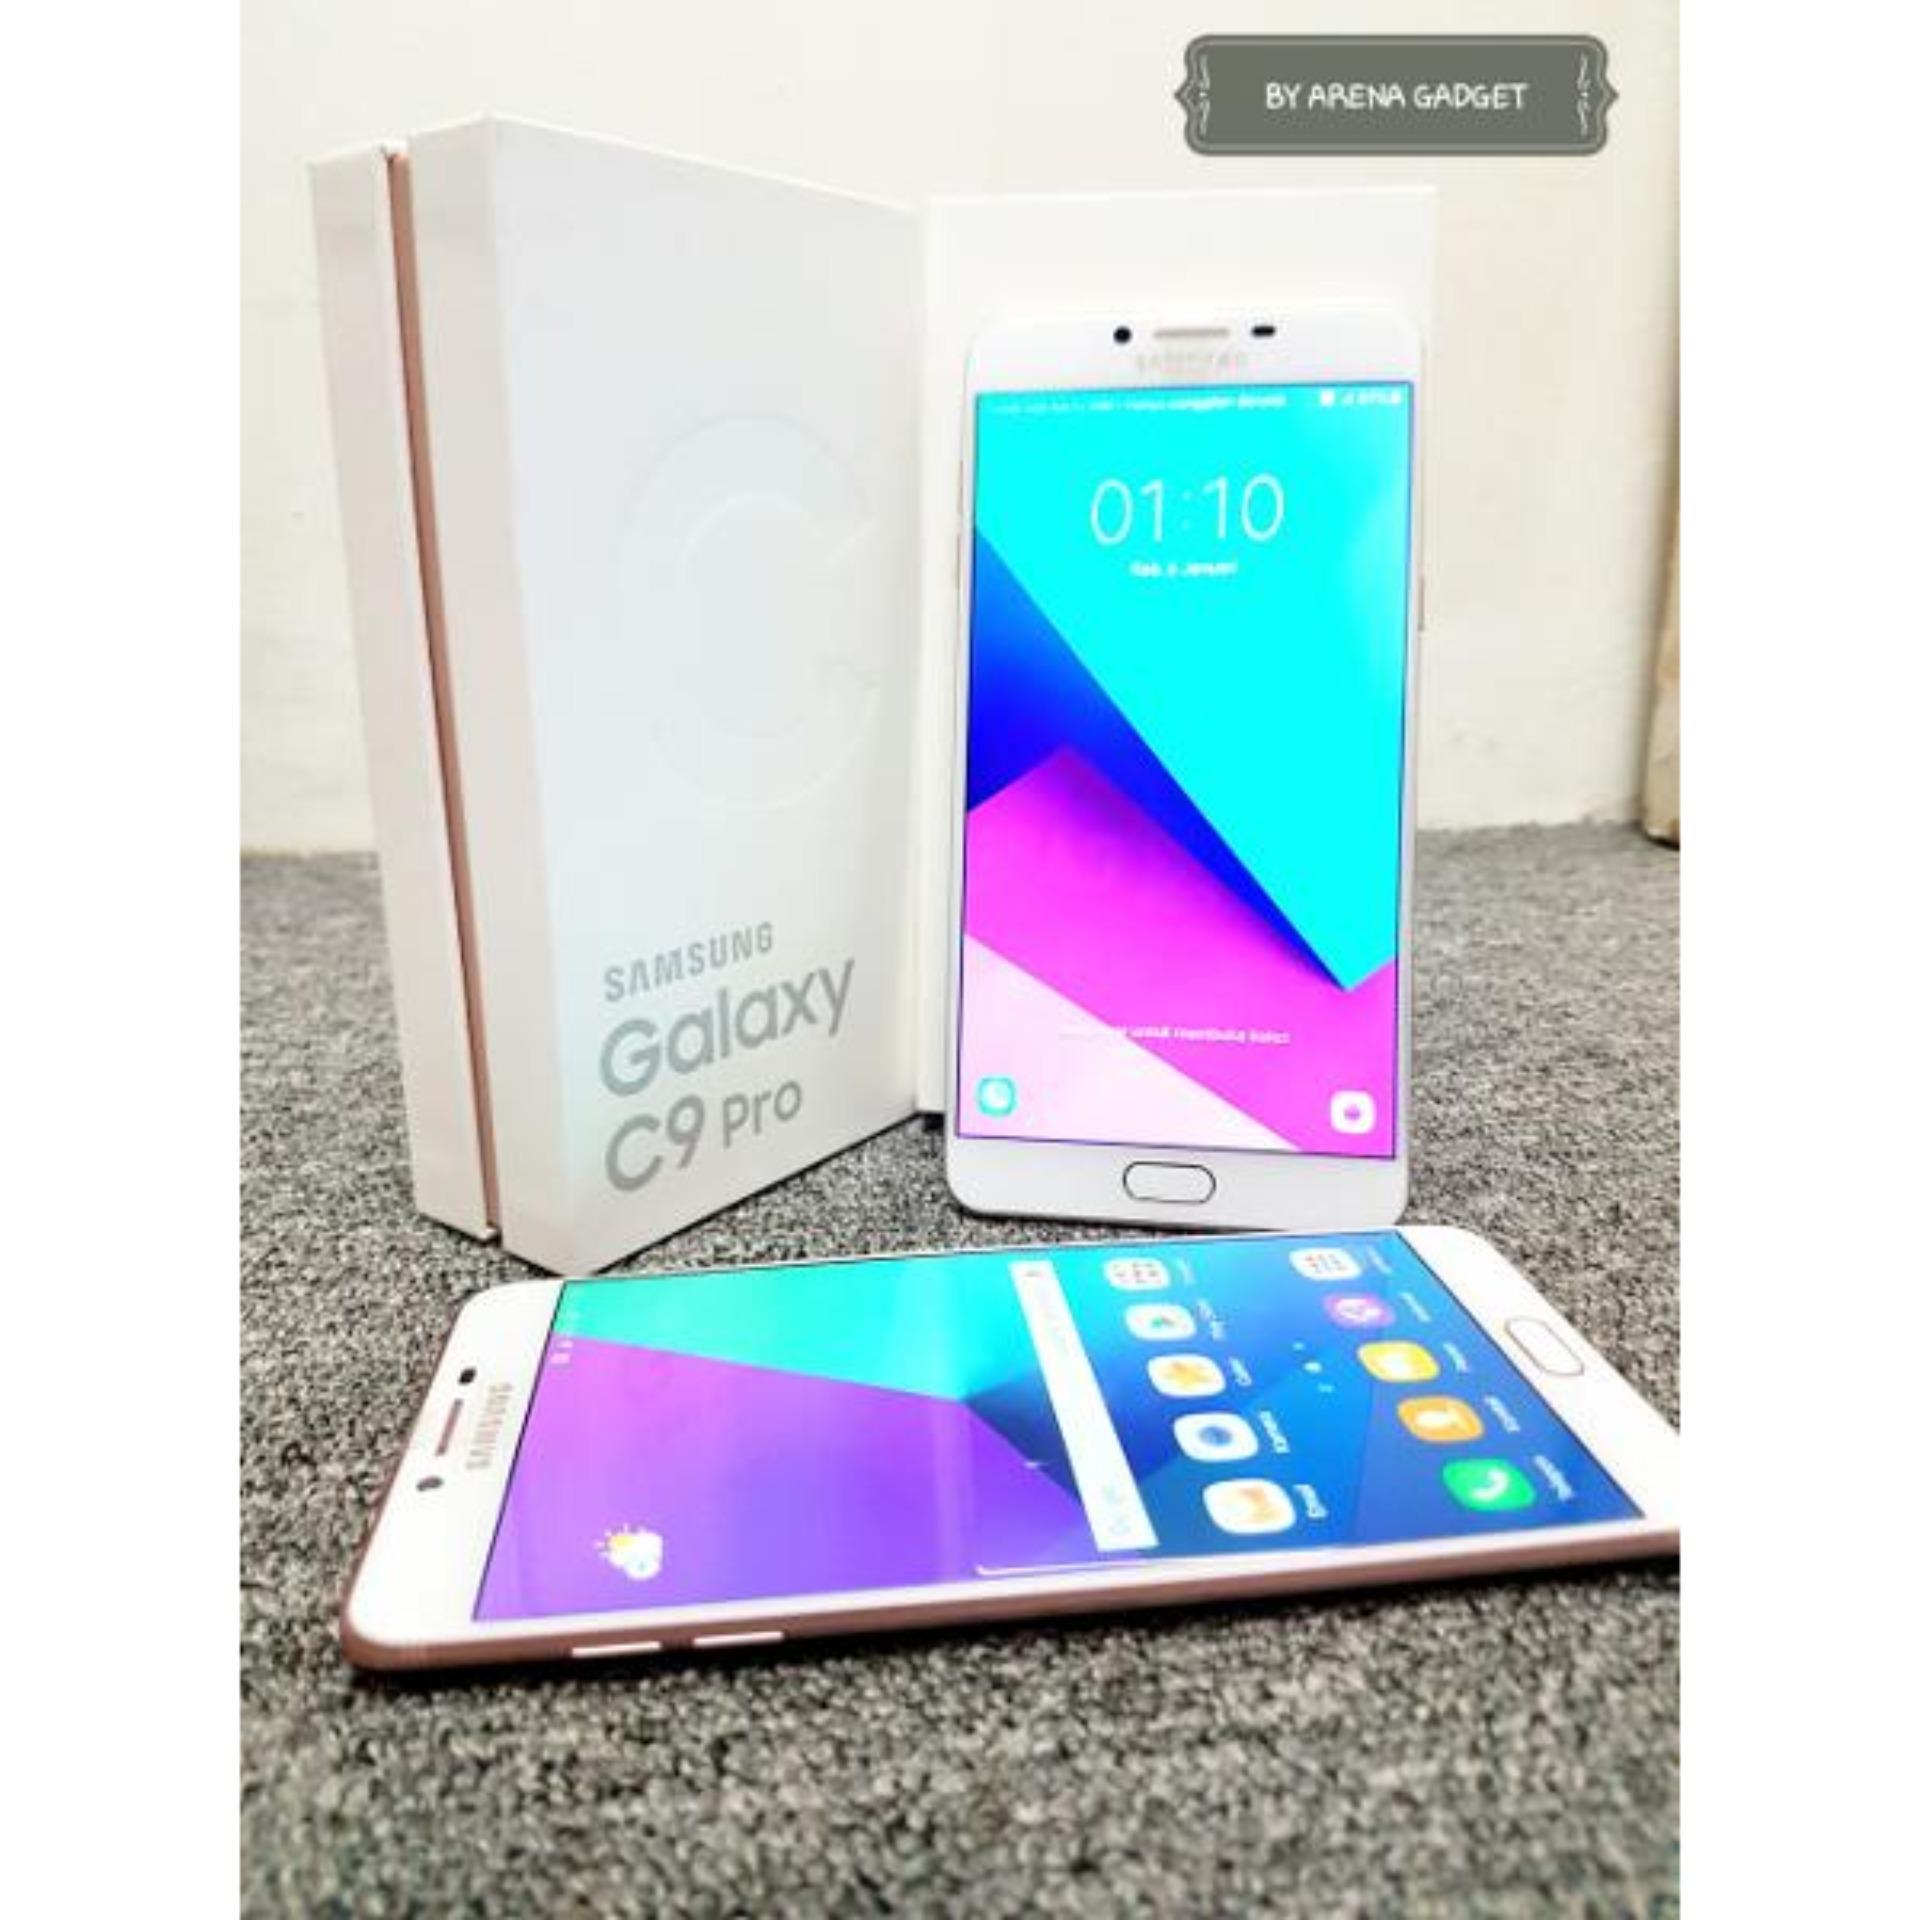 SAMSUNG GALAXY C9 PRO SM-C900F - LTE - 64 GB Garansi SEIN